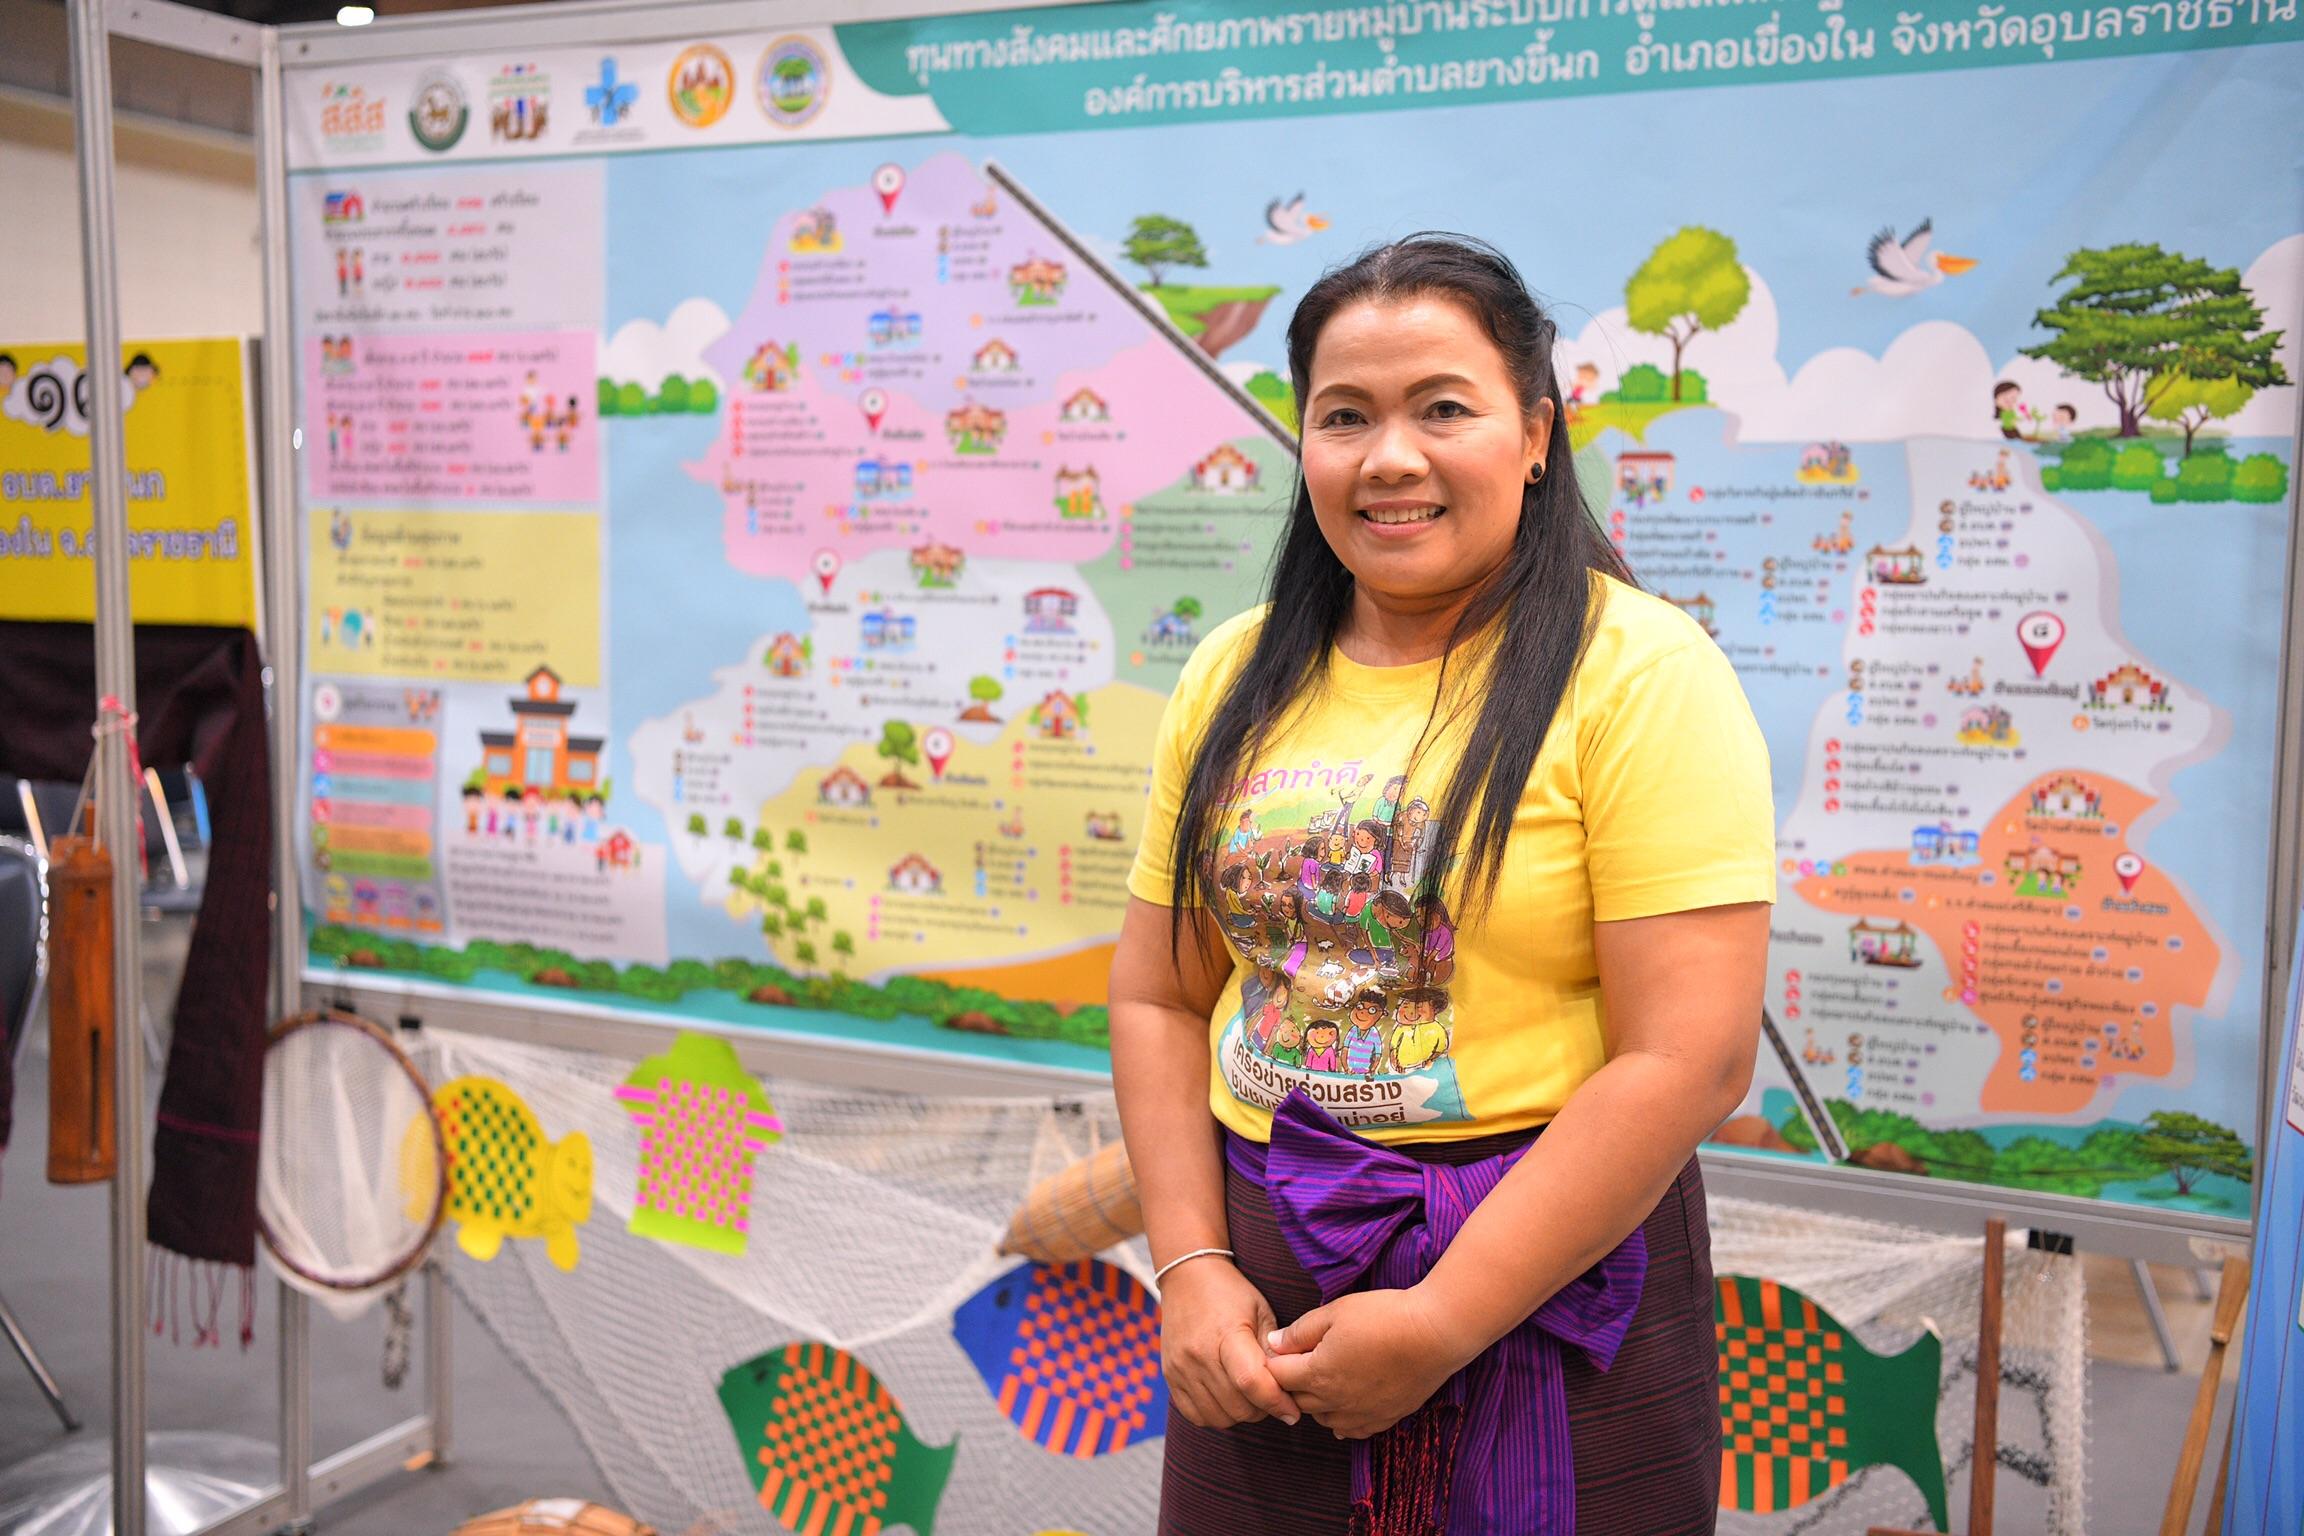 ท้องถิ่นประสานใจสร้างเด็กปฐมวัยให้มีอนาคต thaihealth